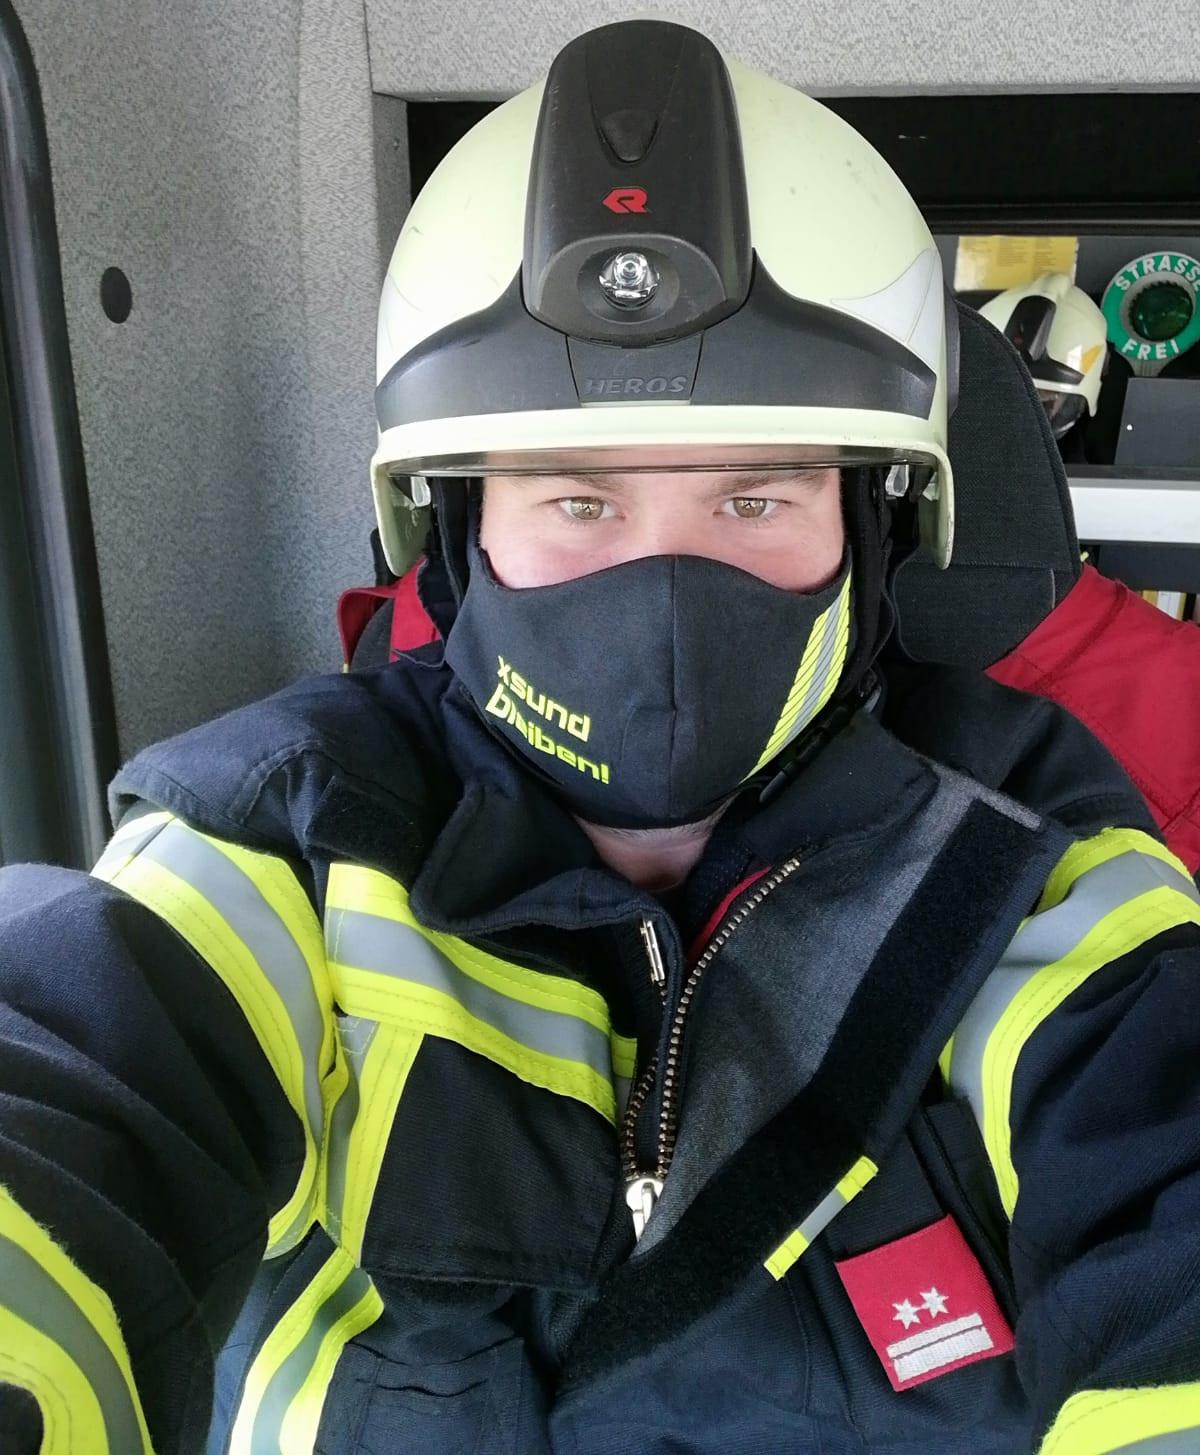 Feuerwehrmann mit Schutzmaske